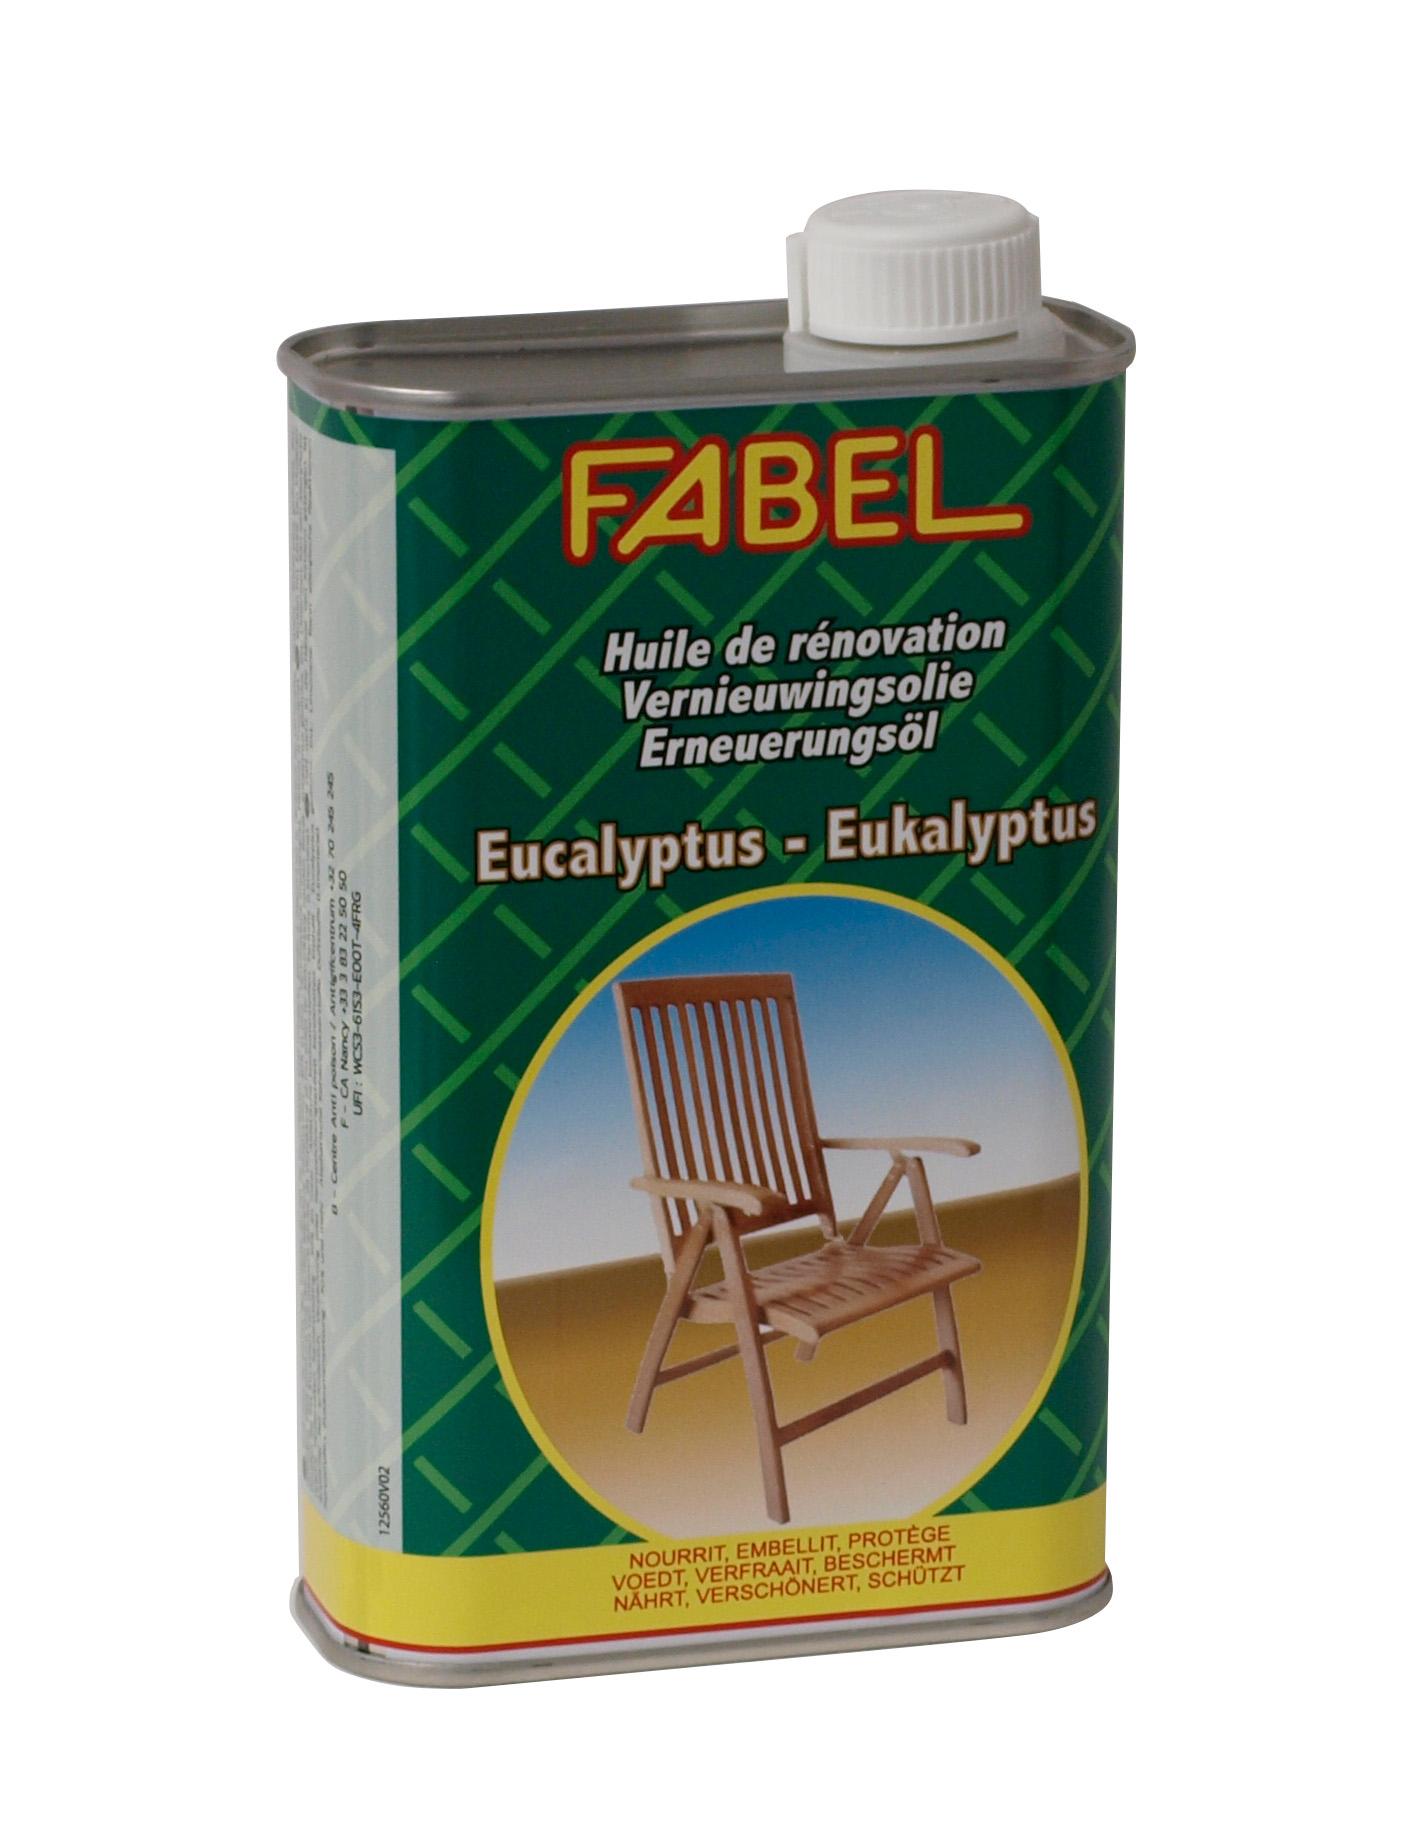 Spezial-Pflegeöl für Gartenmöbel aus Eukalyptusholz von FABEL, 500ml